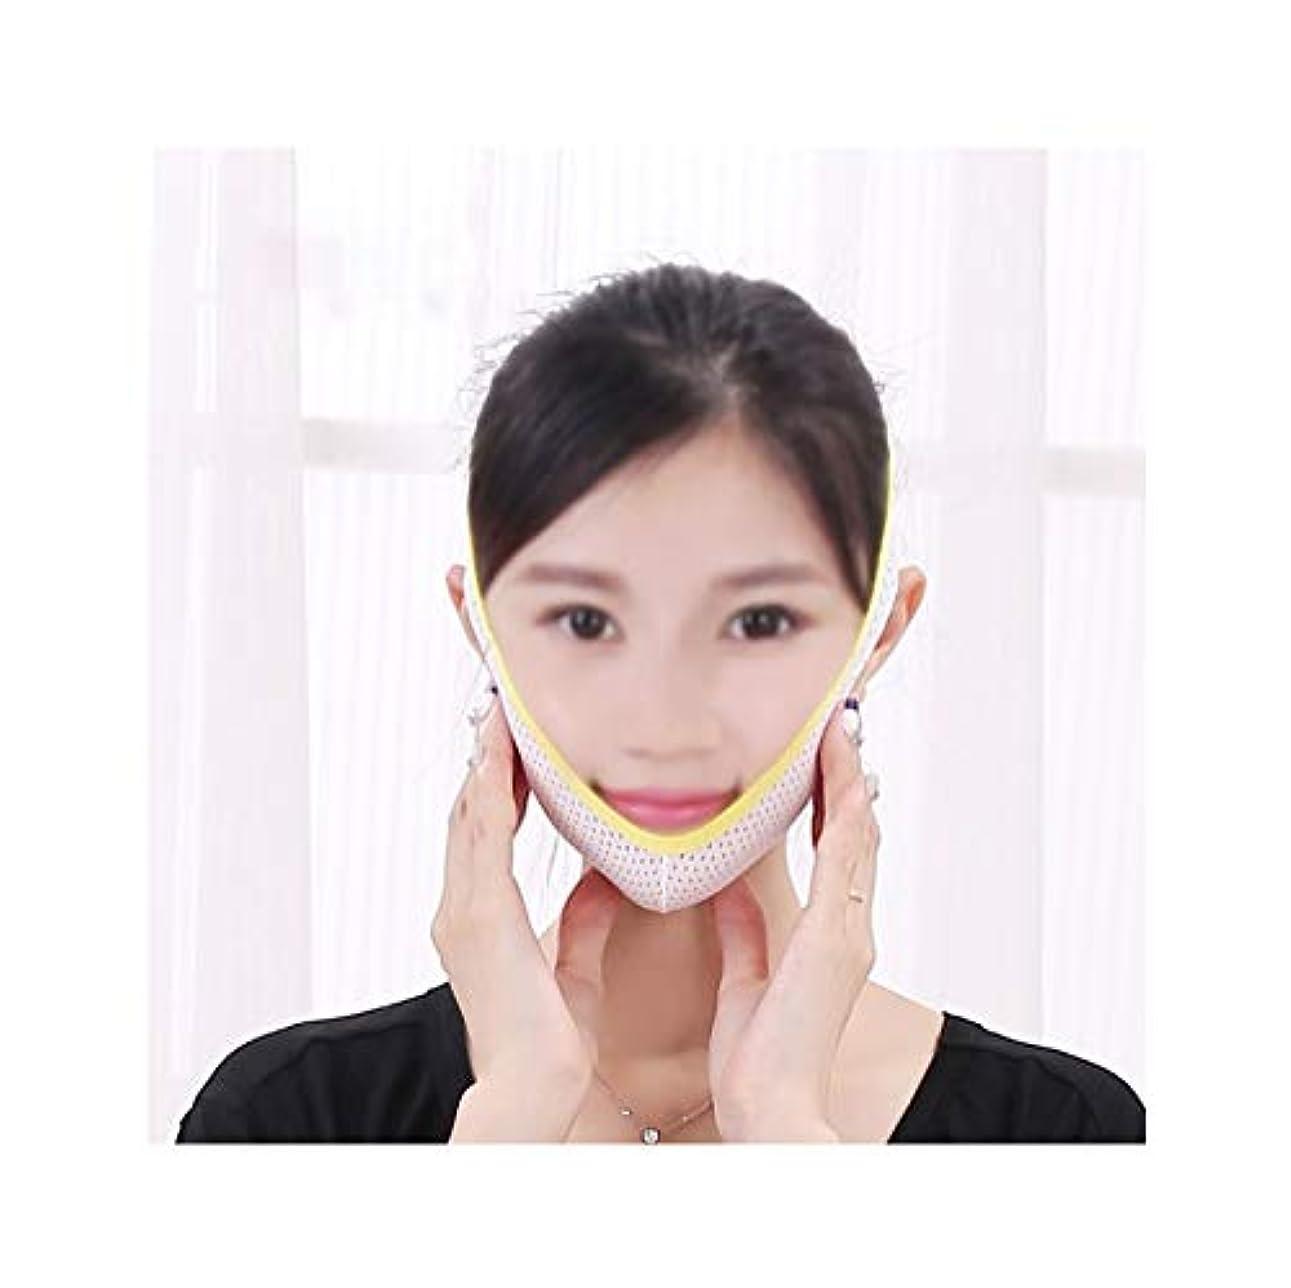 成功持続する練習したGLJJQMY 痩身ベルトマスクV顔アーティファクト男性と女性の通気性の強力なフェイス包帯Vフェイスアーティファクトリフティング引き締め顔薄い顔ダブルあご顔ツール 顔用整形マスク (Size : M)